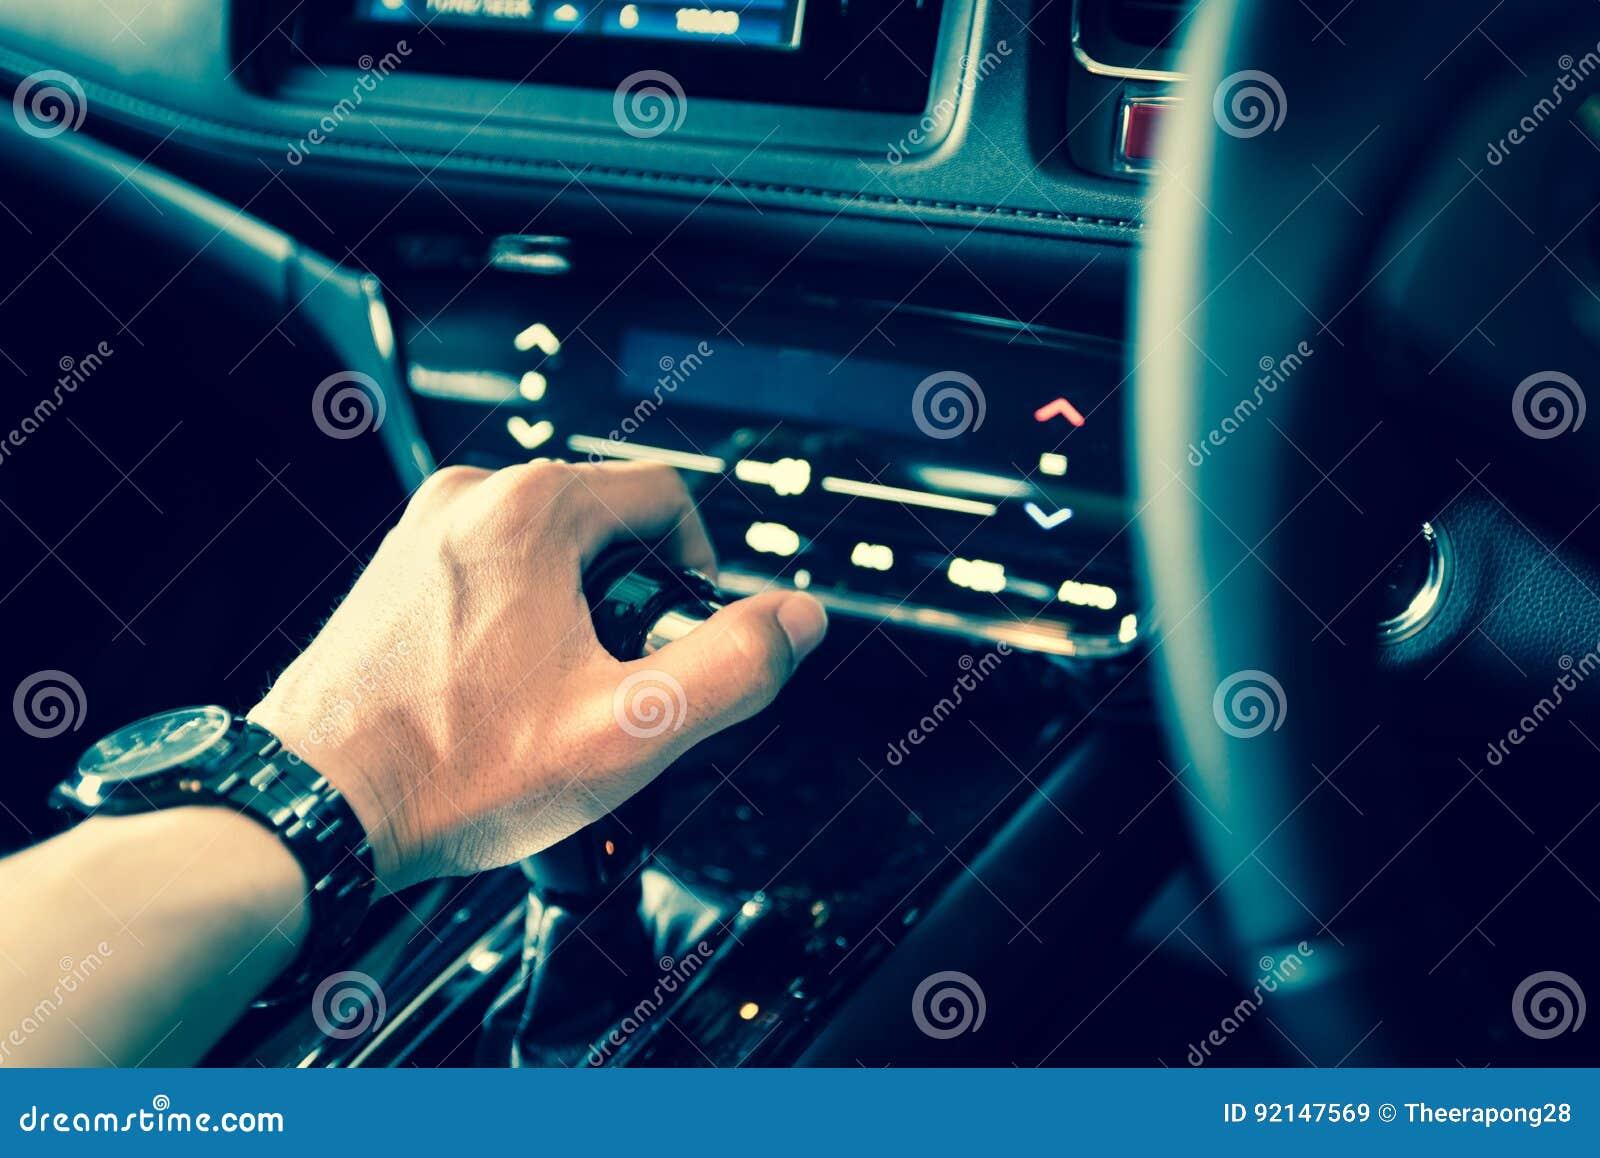 Sluit omhoog van hand op de handknop van de toestelverschuiving voor auto industriële mede